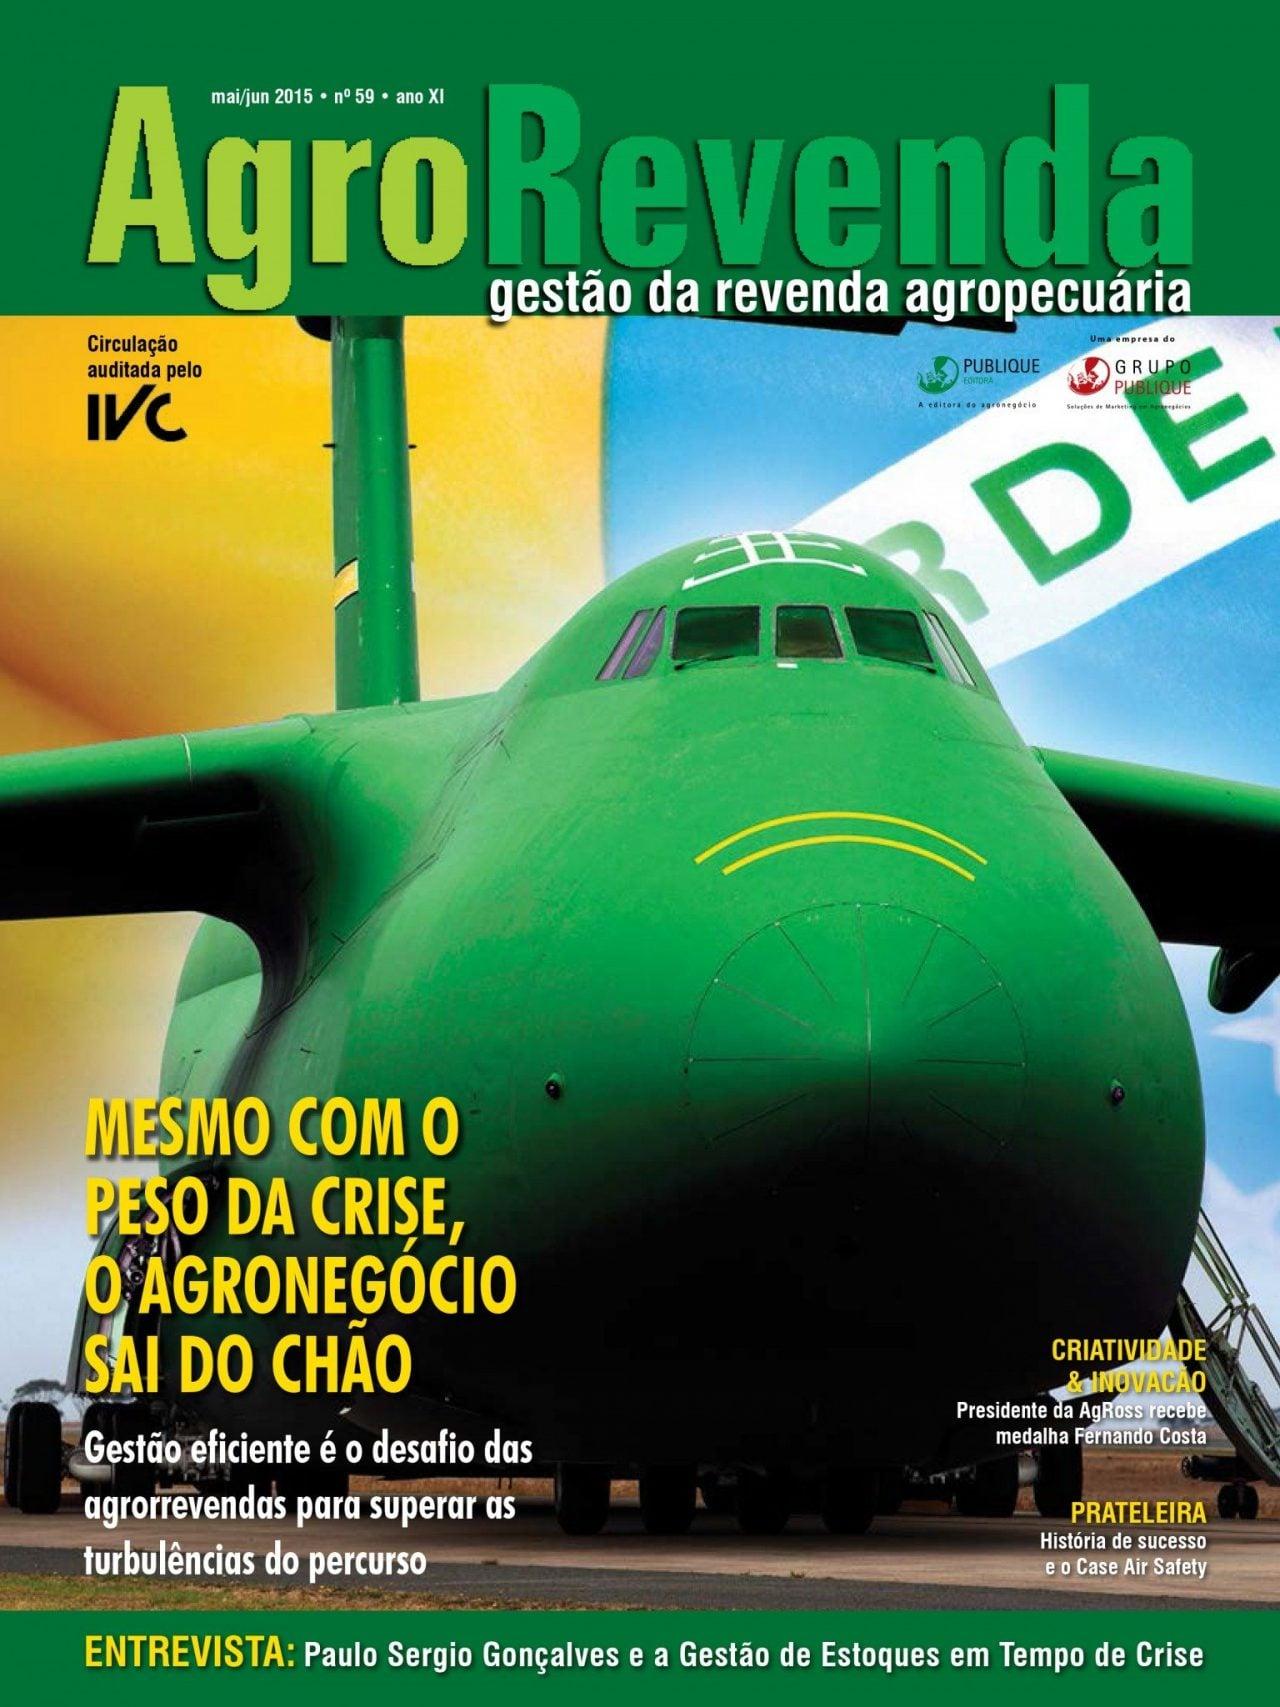 Revista AgroRevenda nº59-1